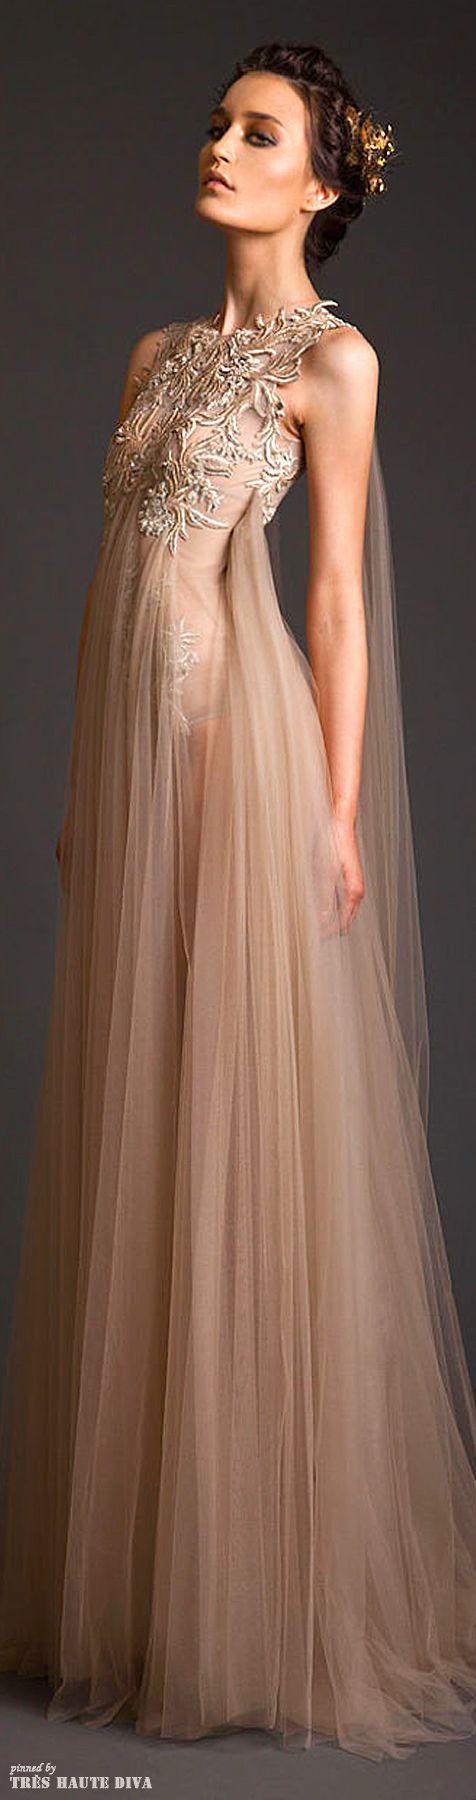 Krikor Jabotian Couture S/S 2014...GORGEOUS!!!!!